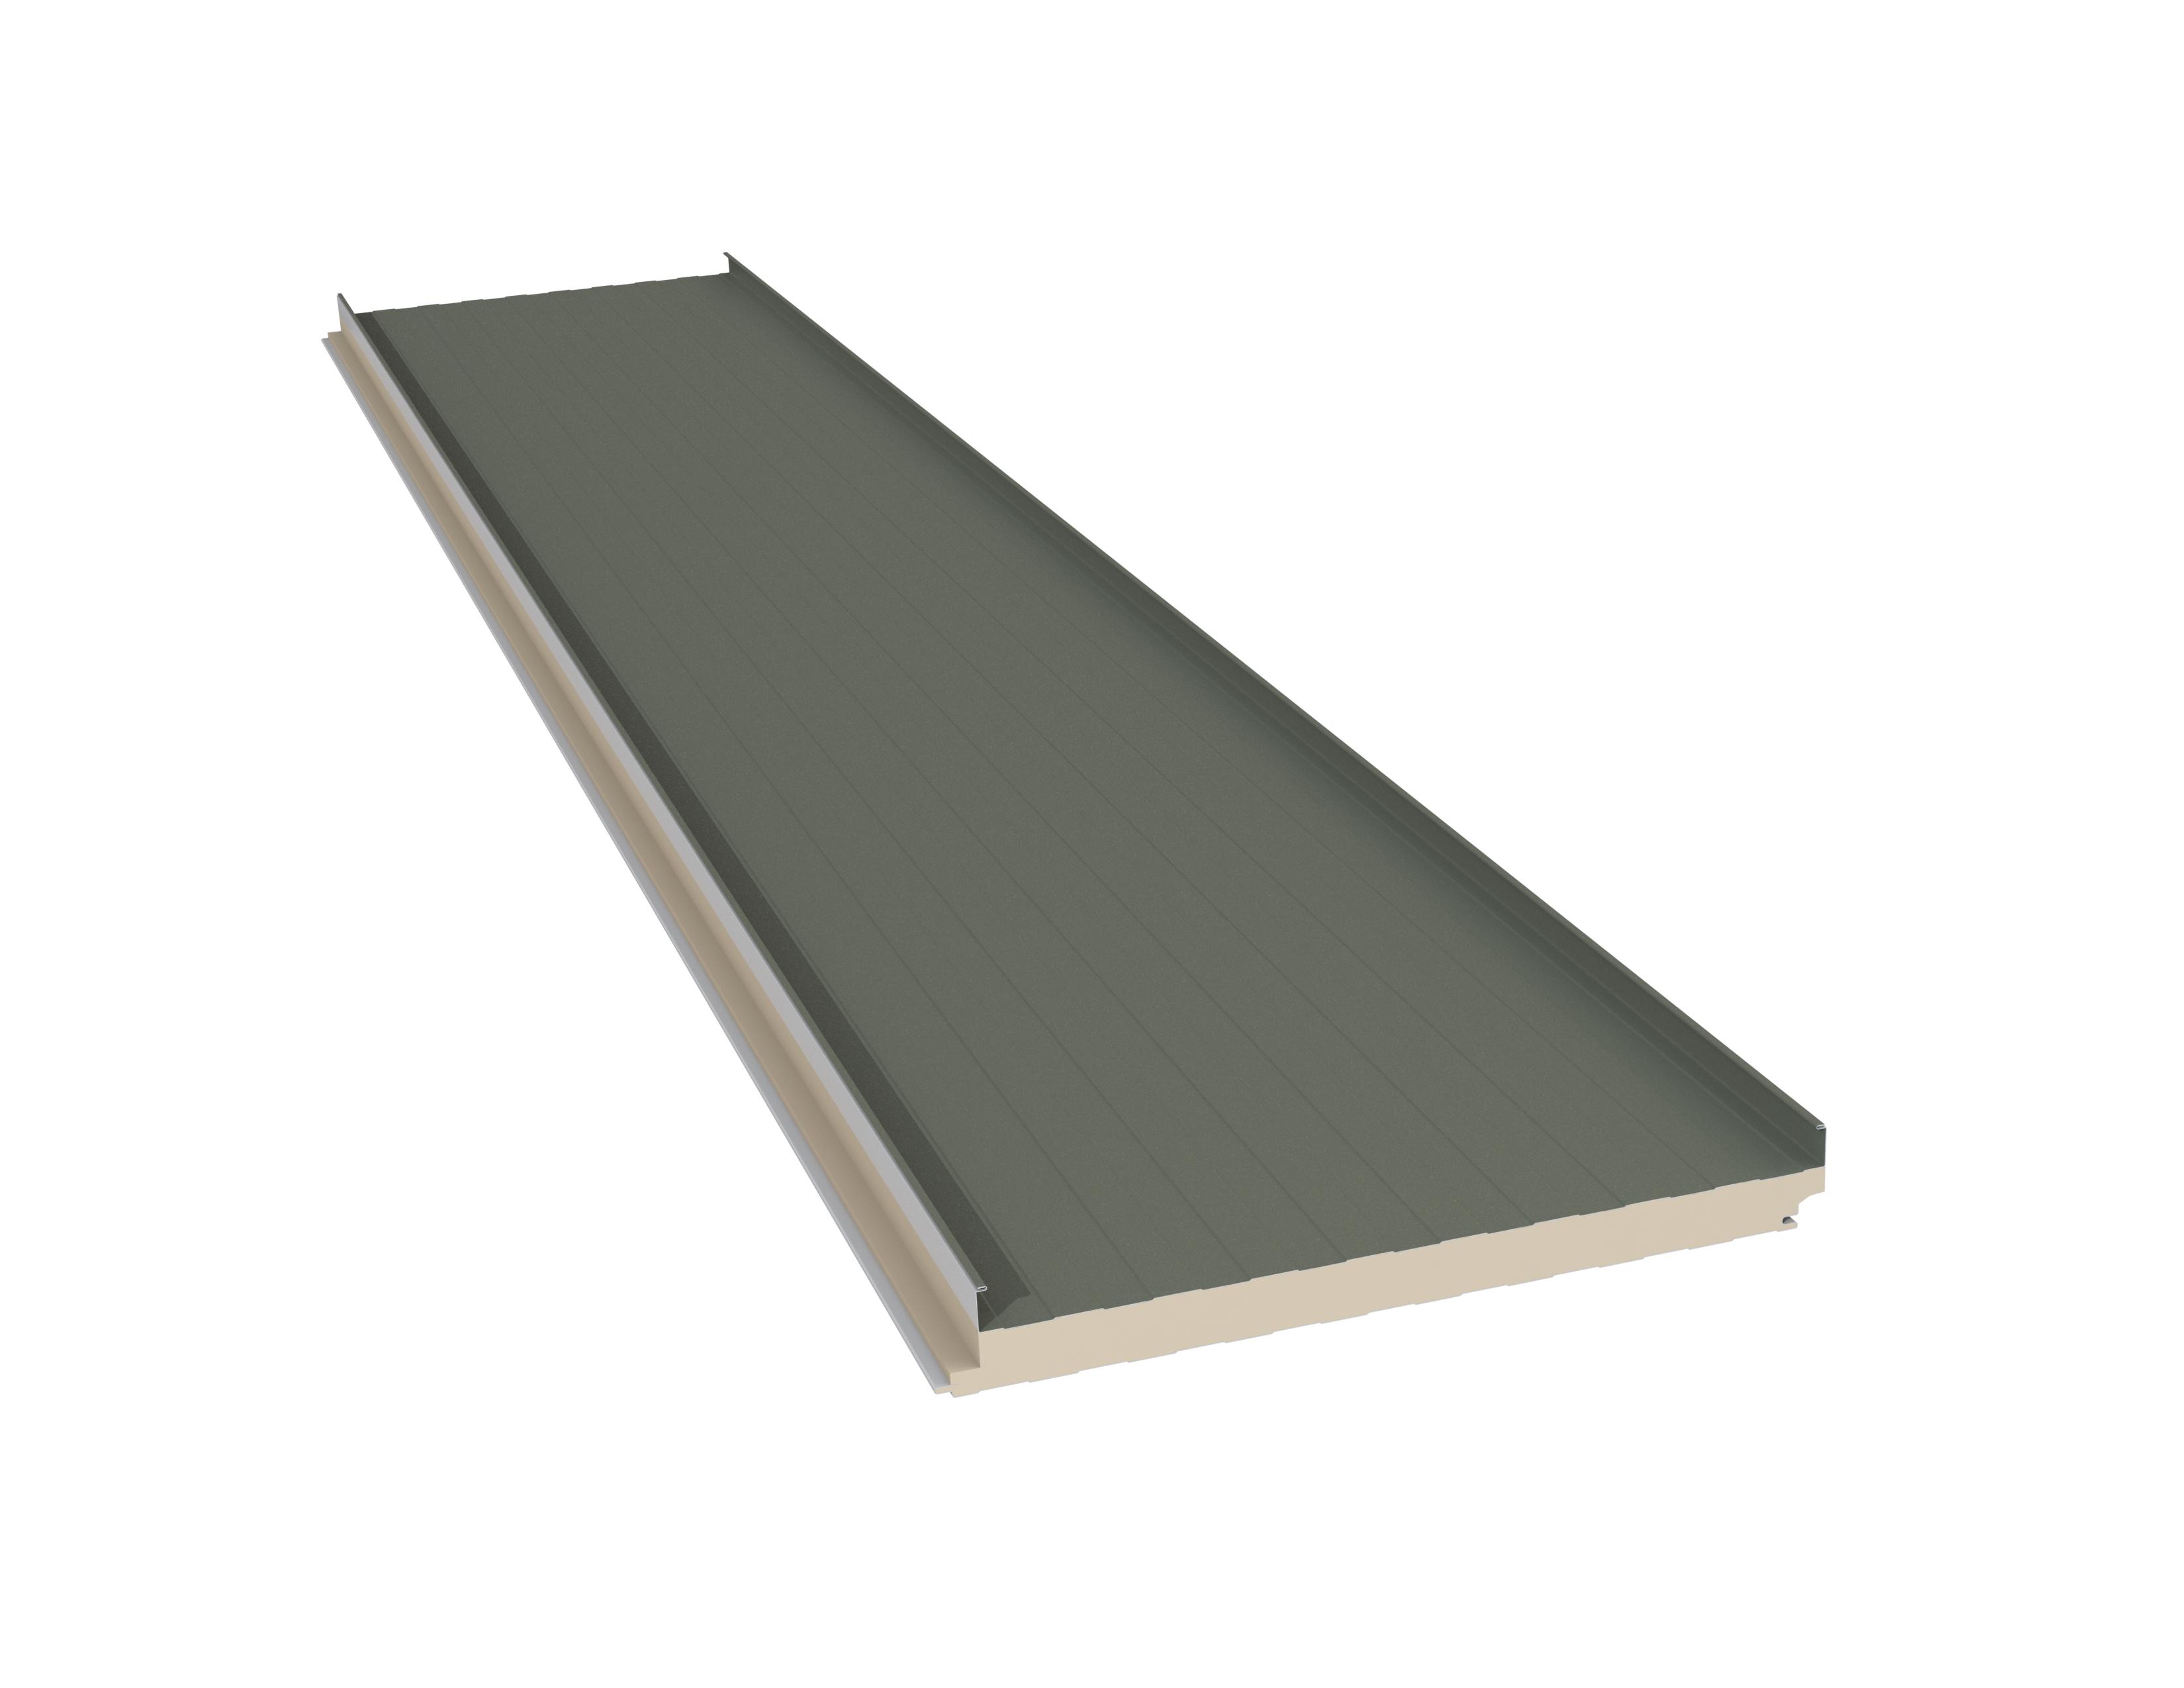 RidgeLine Roof Panel